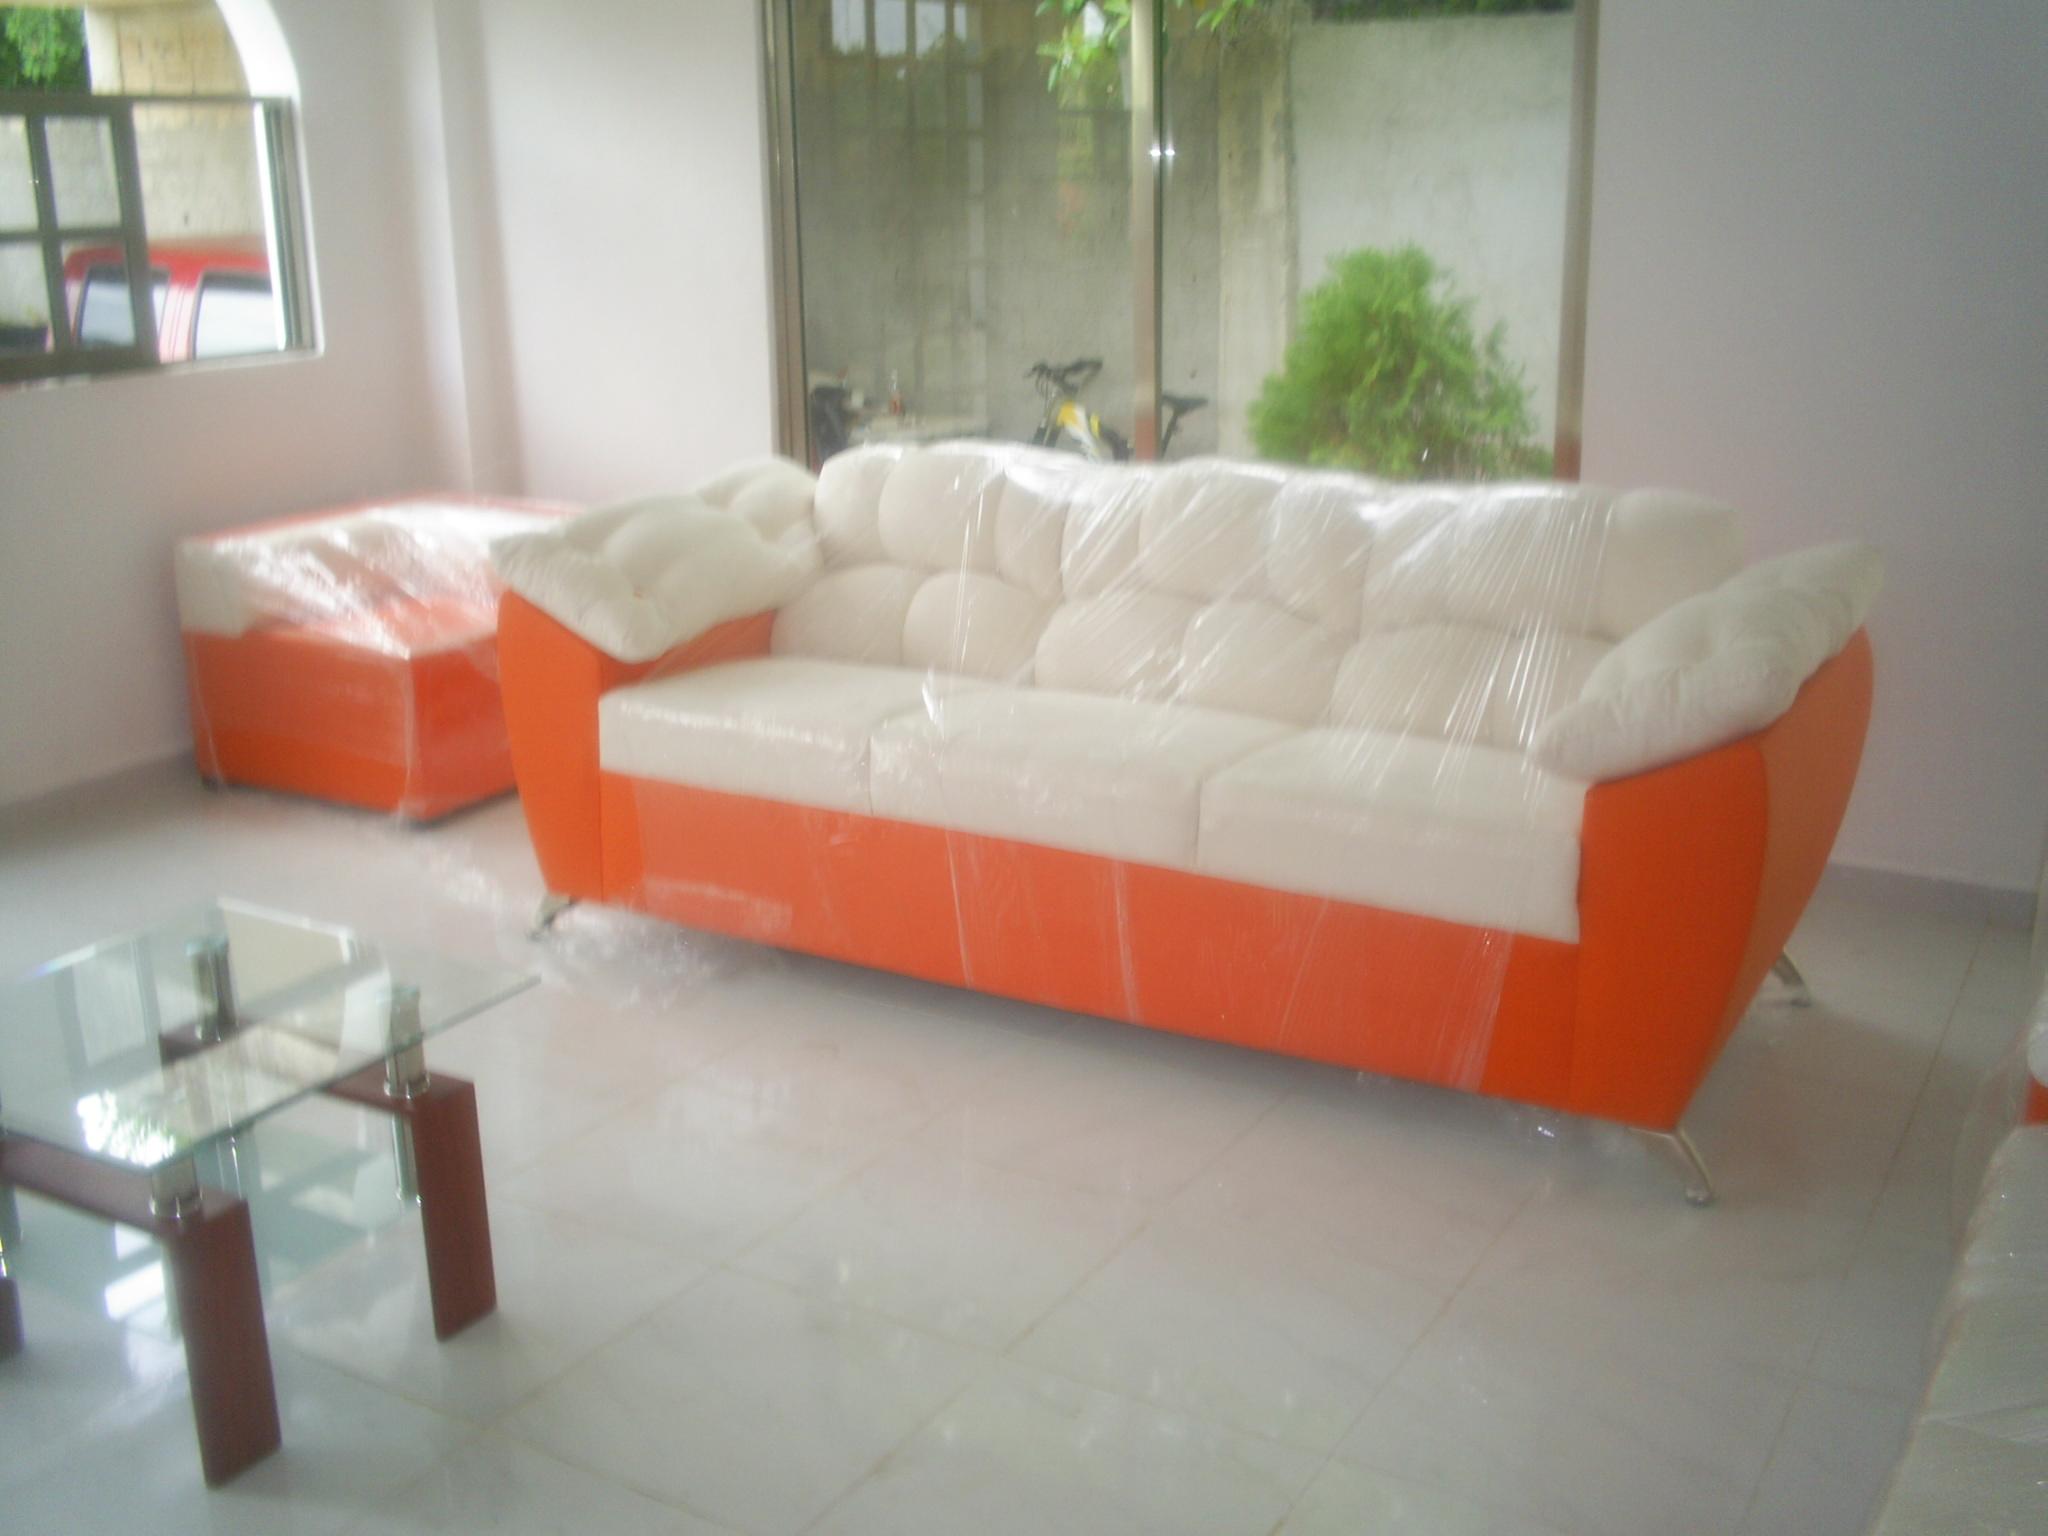 Fabrica de muebles san luis m rida for Muebles de oficina merida yucatan